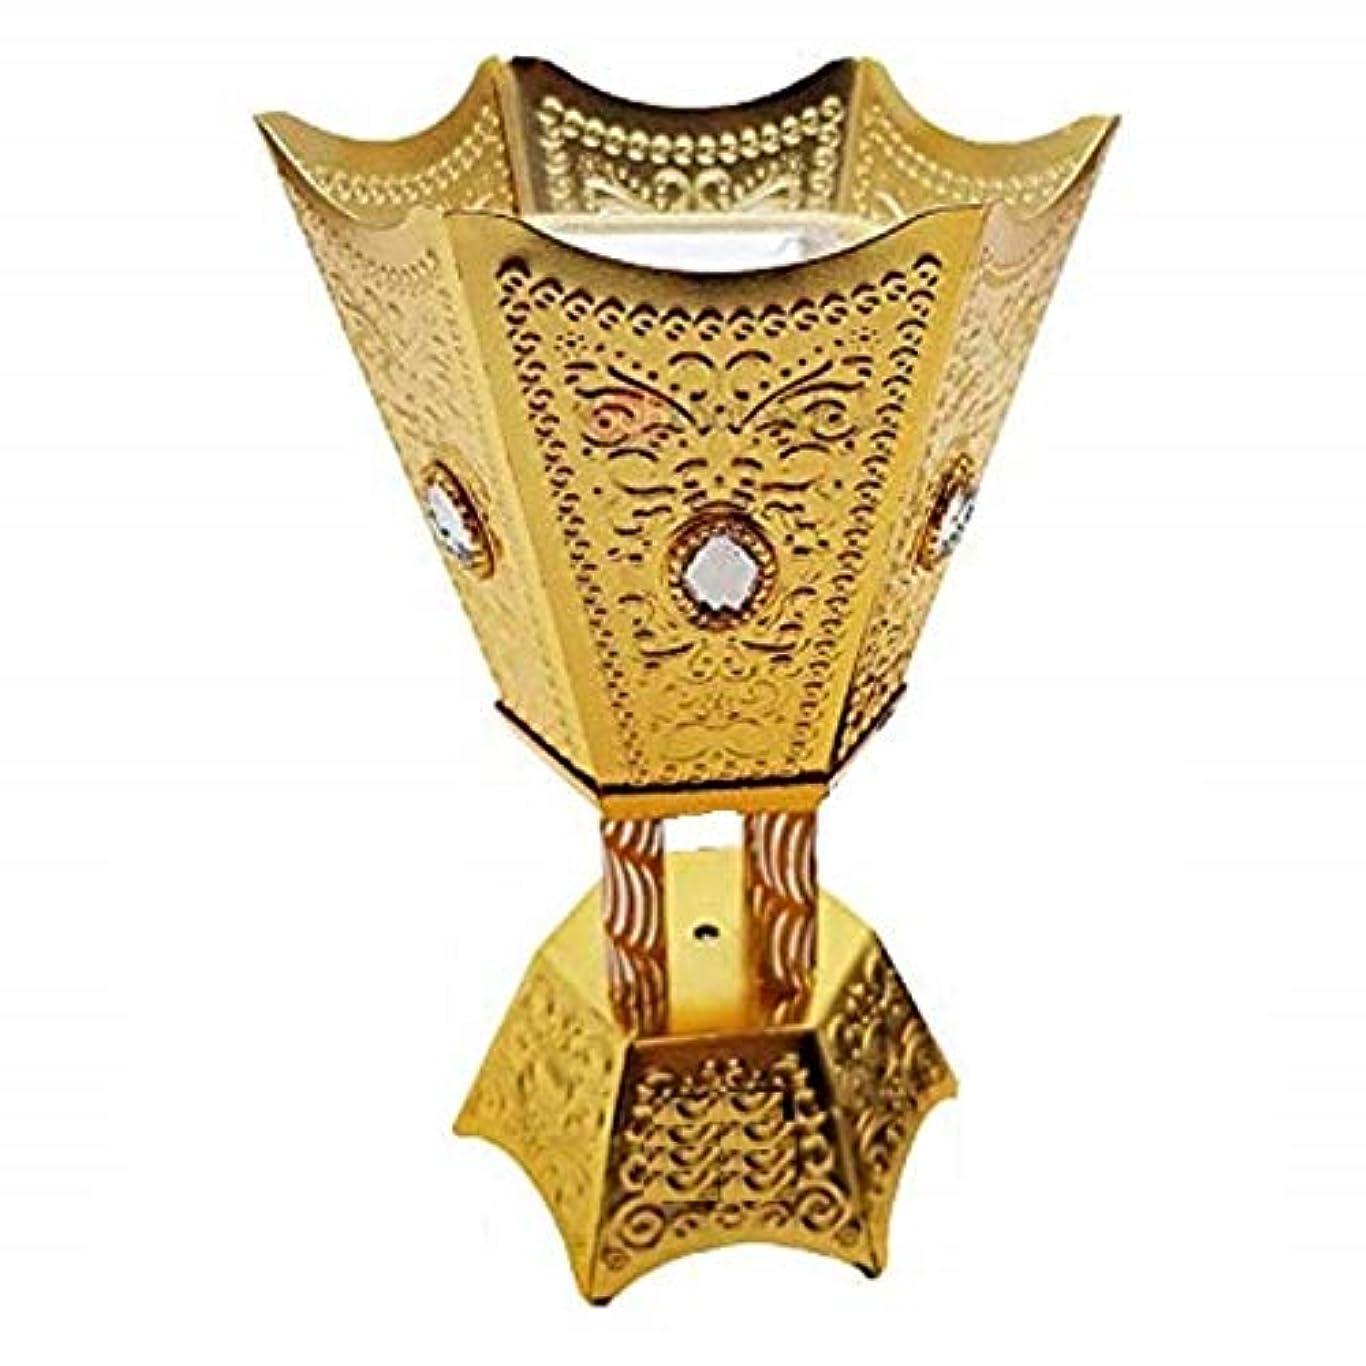 時期尚早先入観シェルターOMG-Deal Incense Burner Charcoal Bakhoor Frankincense Resin – Luxury Hand Painted Burner - WF -001 Golden